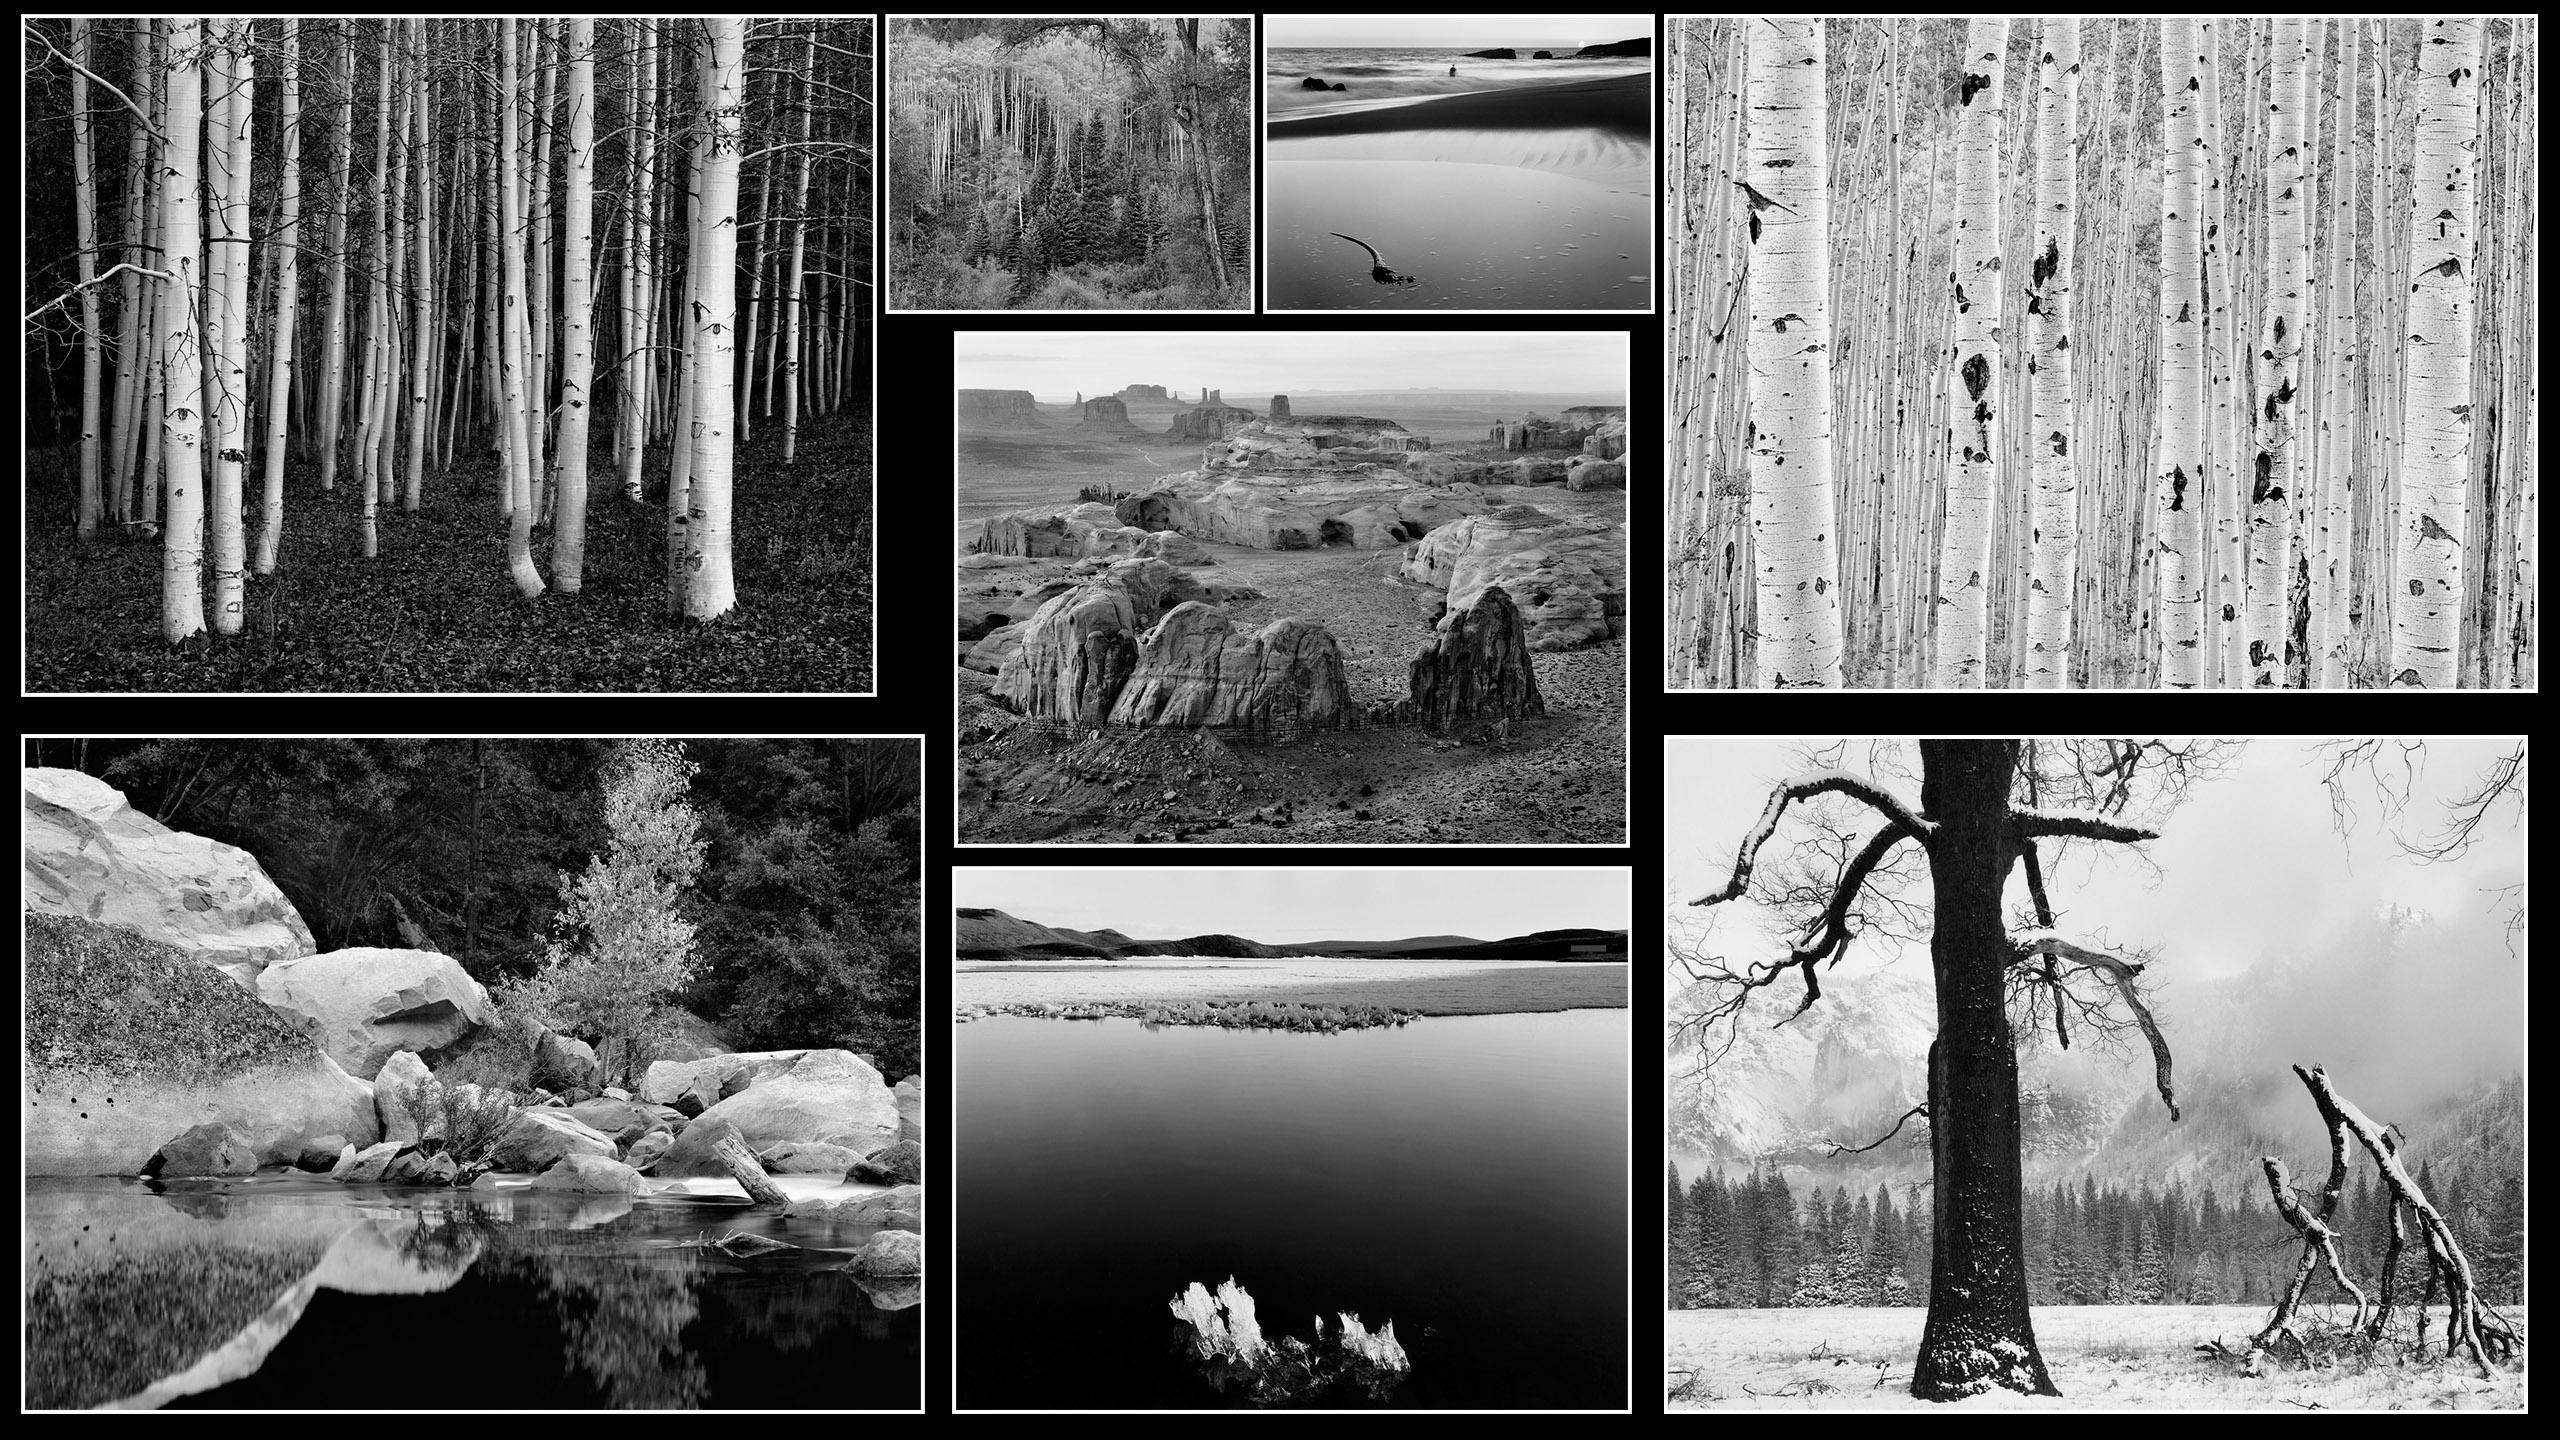 On Photography, John Sexton